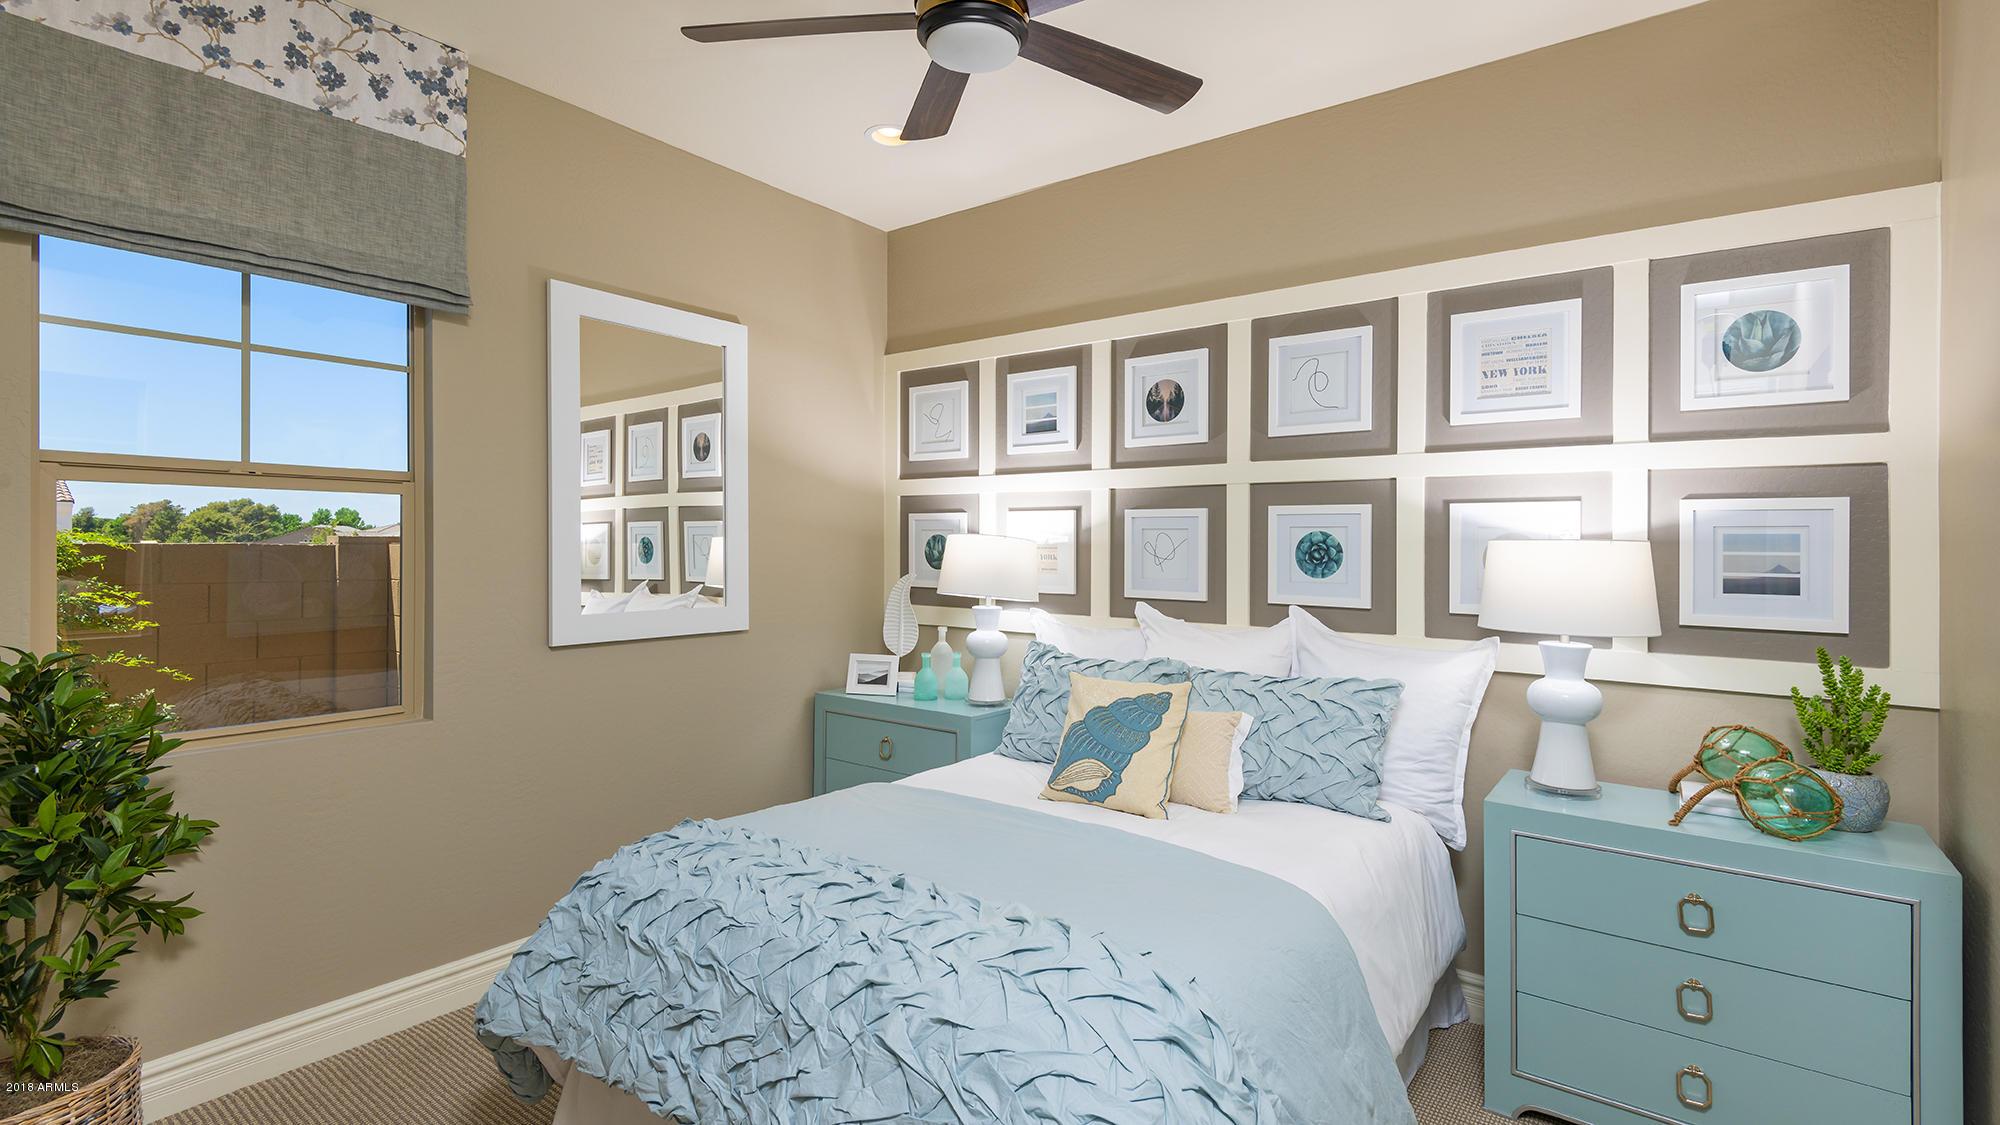 MLS 5845033 1941 E Aster Place, Chandler, AZ 85286 Chandler AZ Three Bedroom